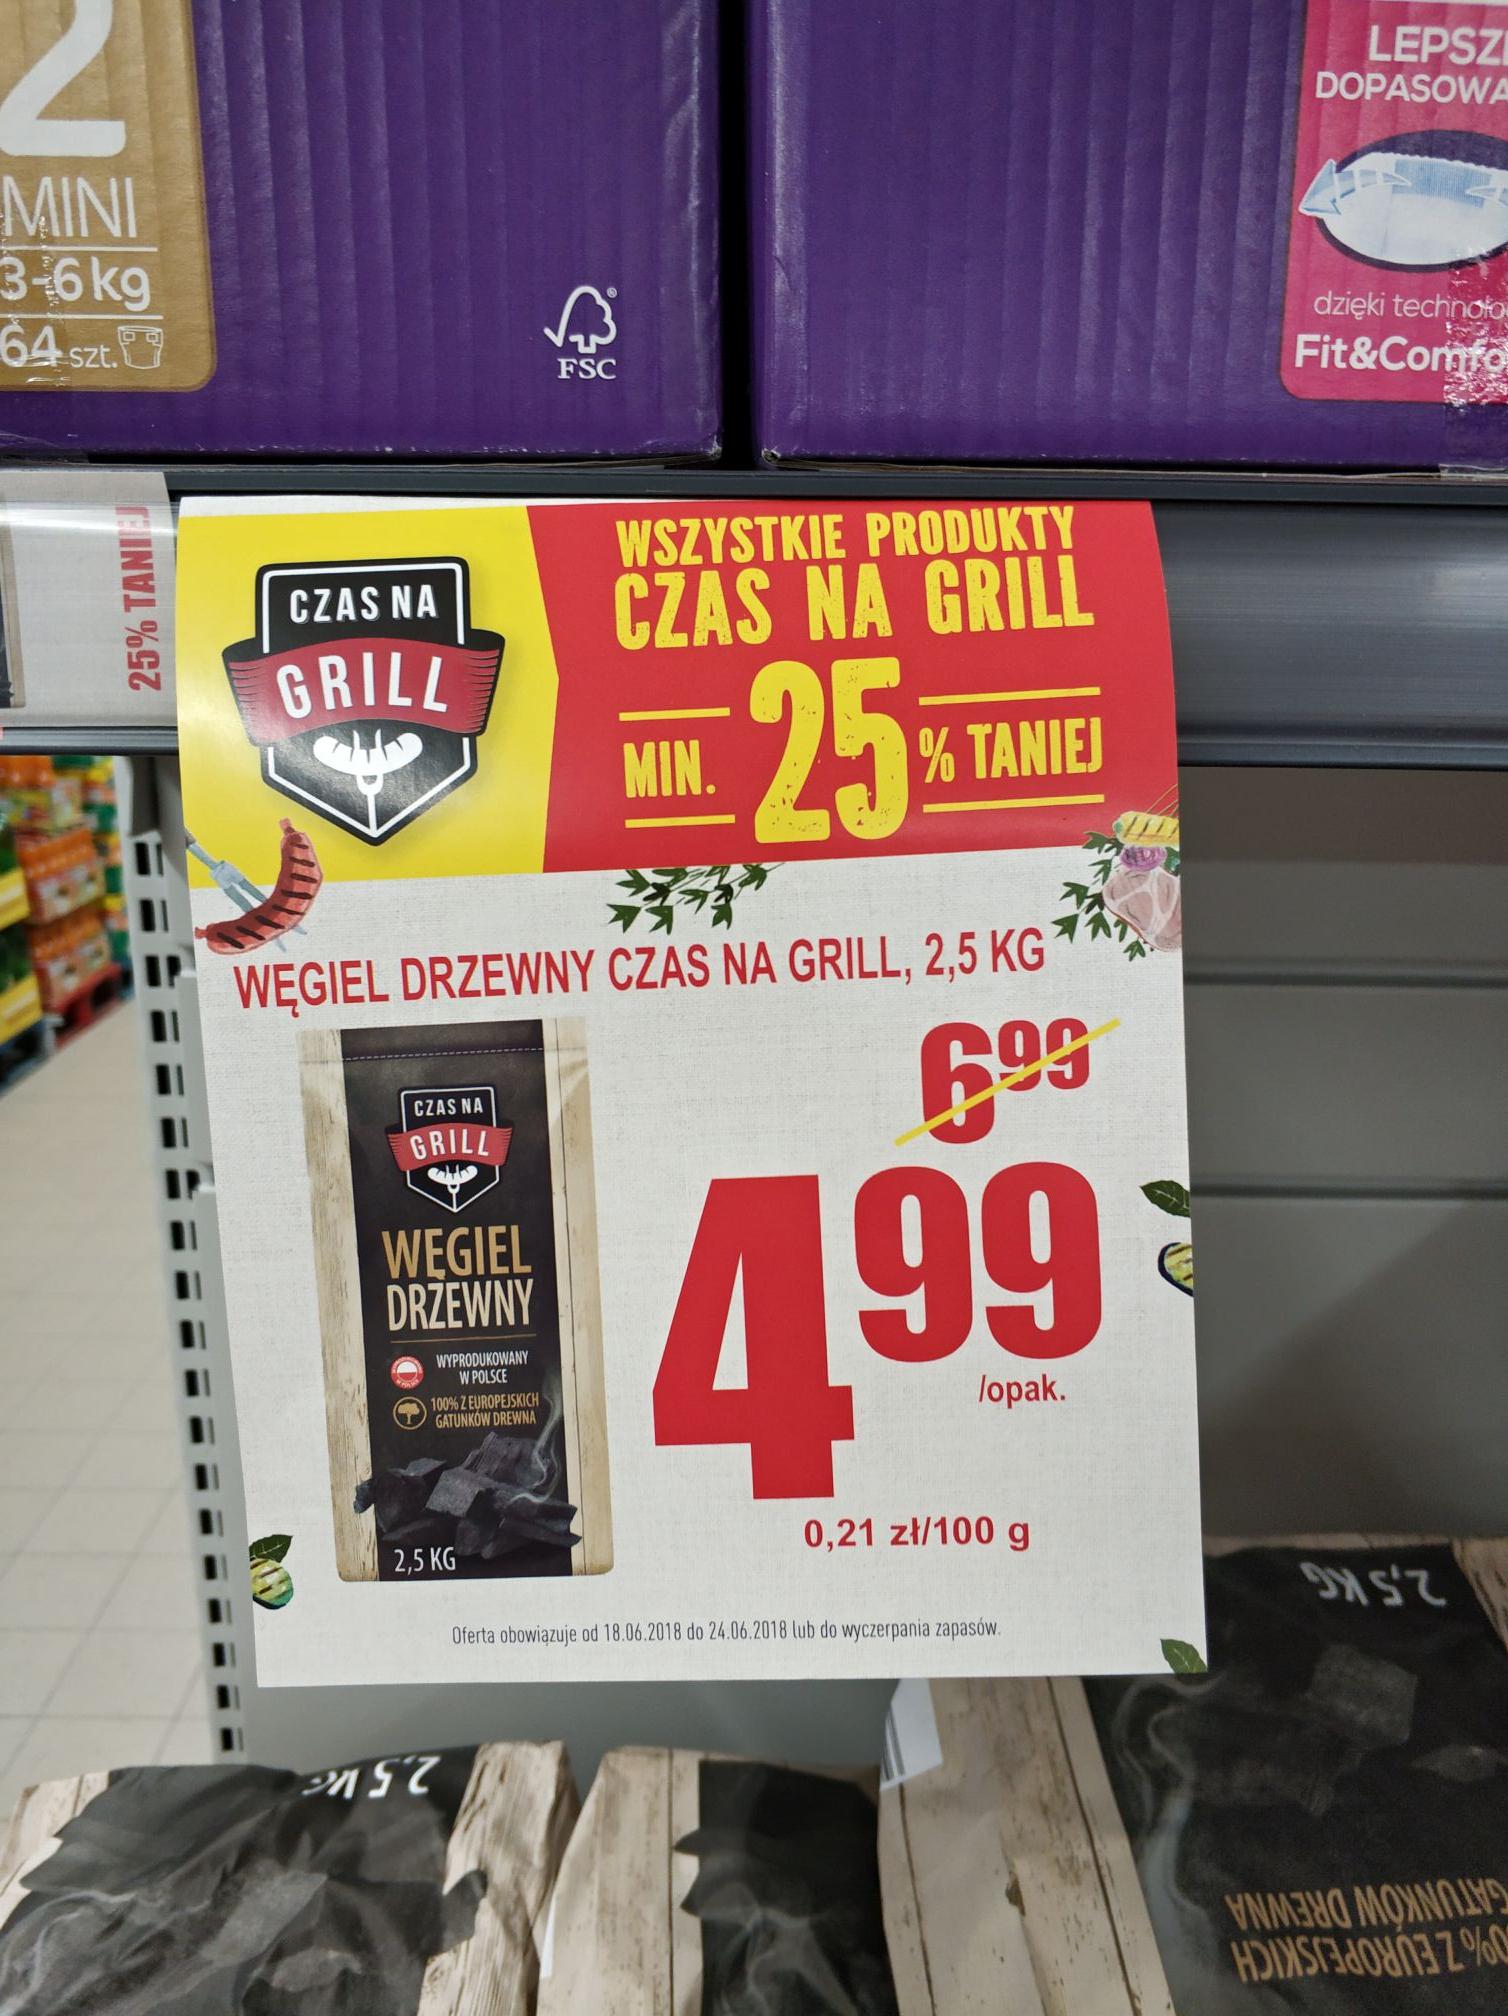 Biedronka - Wszystkie produkty na grill minimum 25% taniej